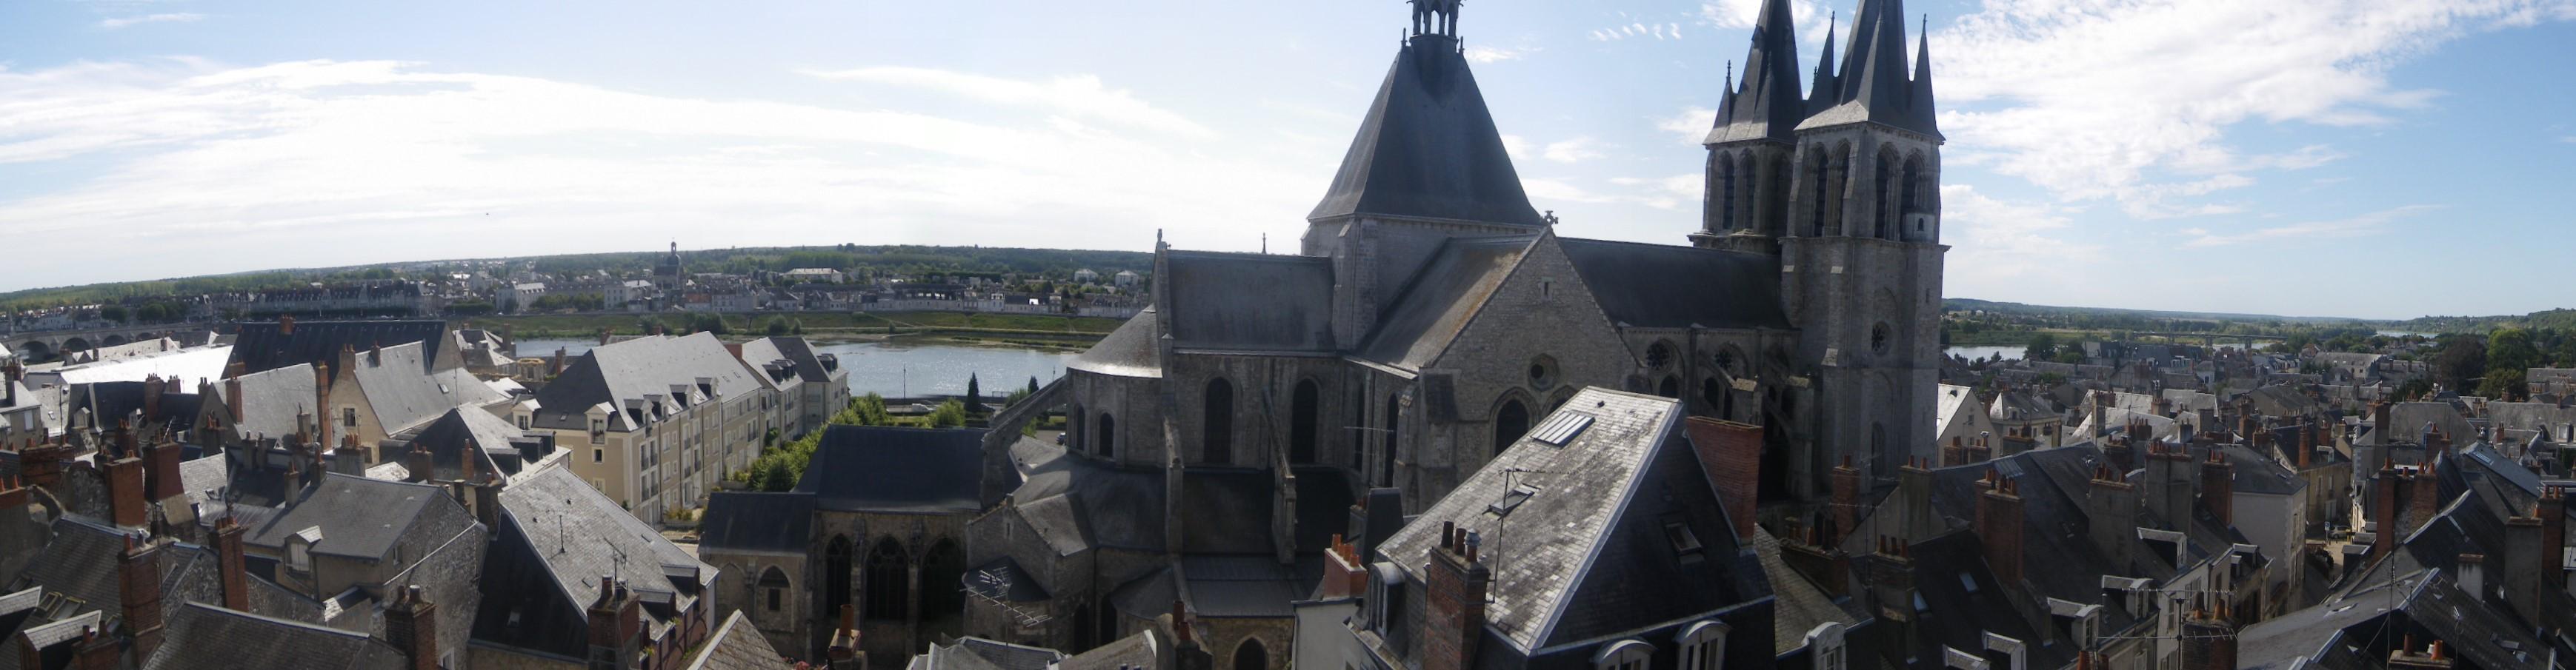 Blois_360c